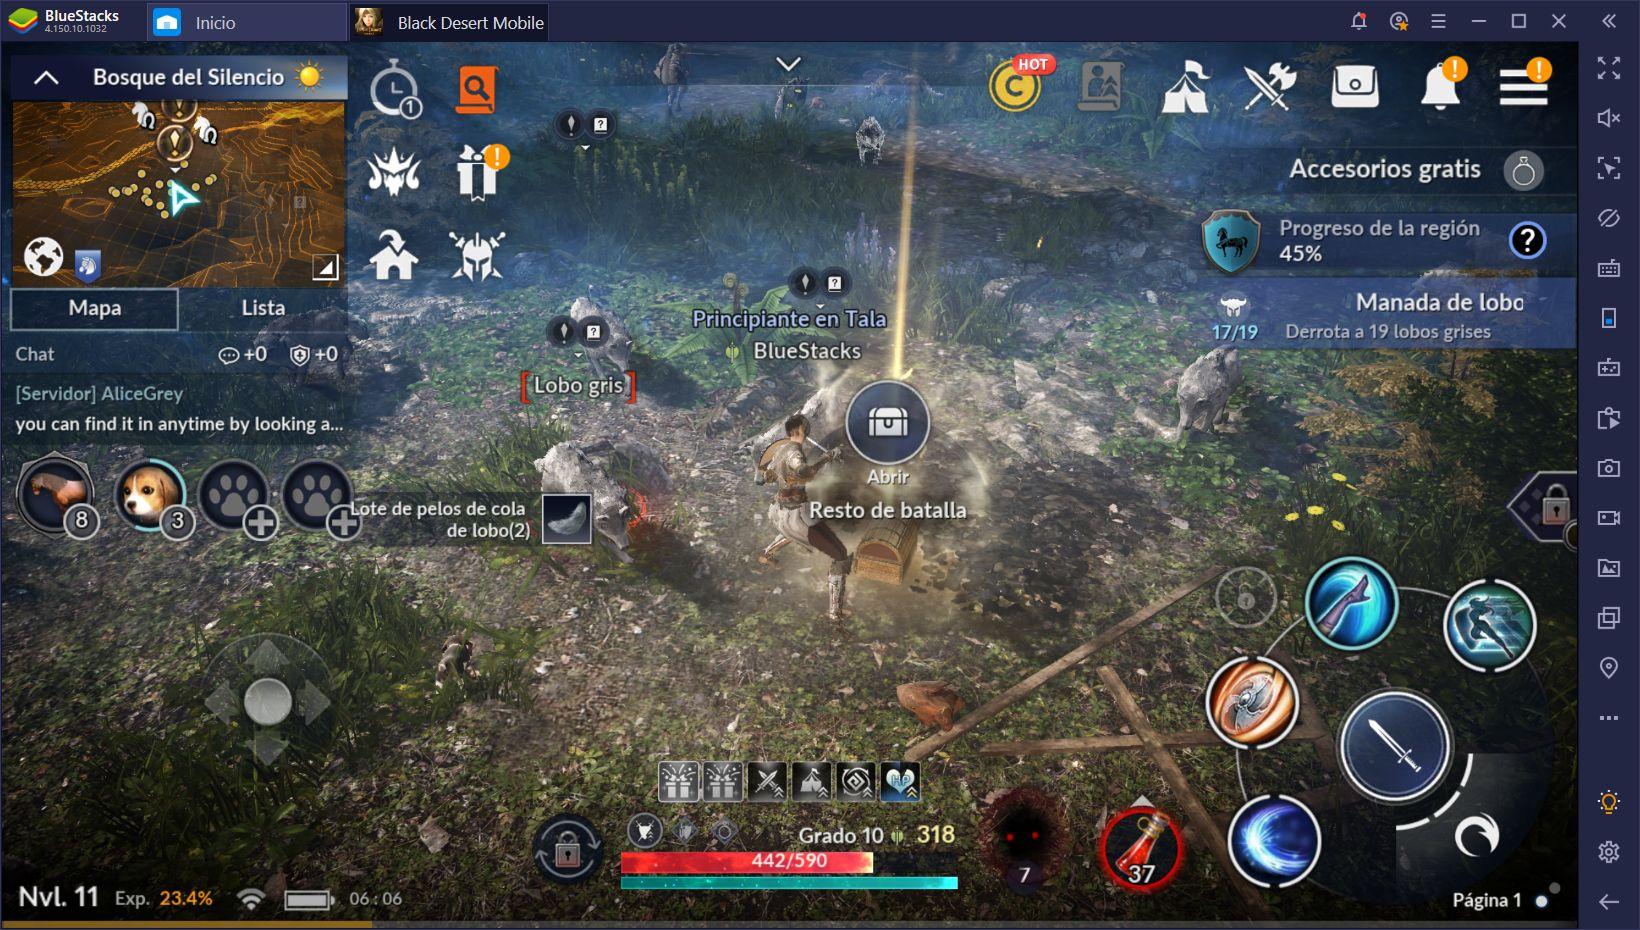 Black Desert Mobile en PC - Guía de Combate Para Principiantes